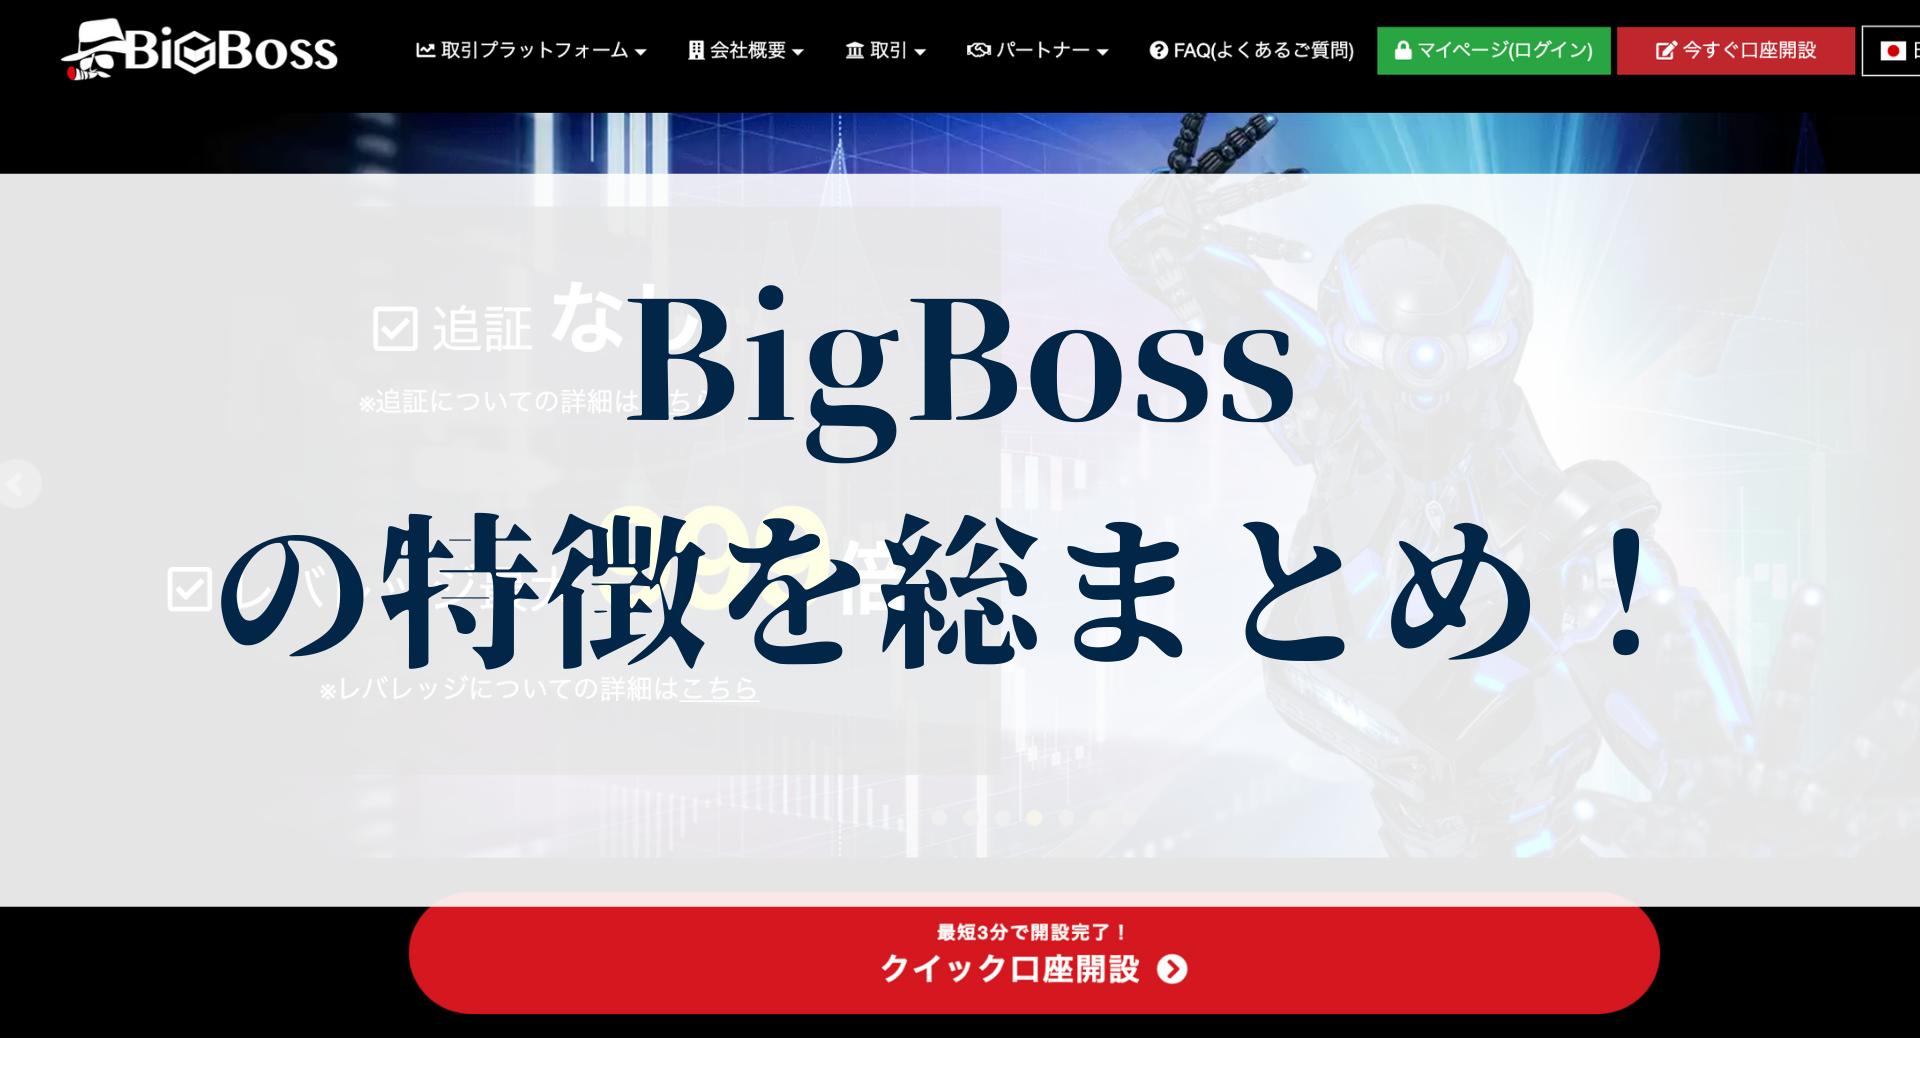 BigBossの評判・メリット・デメリットなどの特徴を総まとめ!すぐに口座開設が出来る点と取引ボーナス、そして高レバレッジを備えたバランスの良い海外FX会社